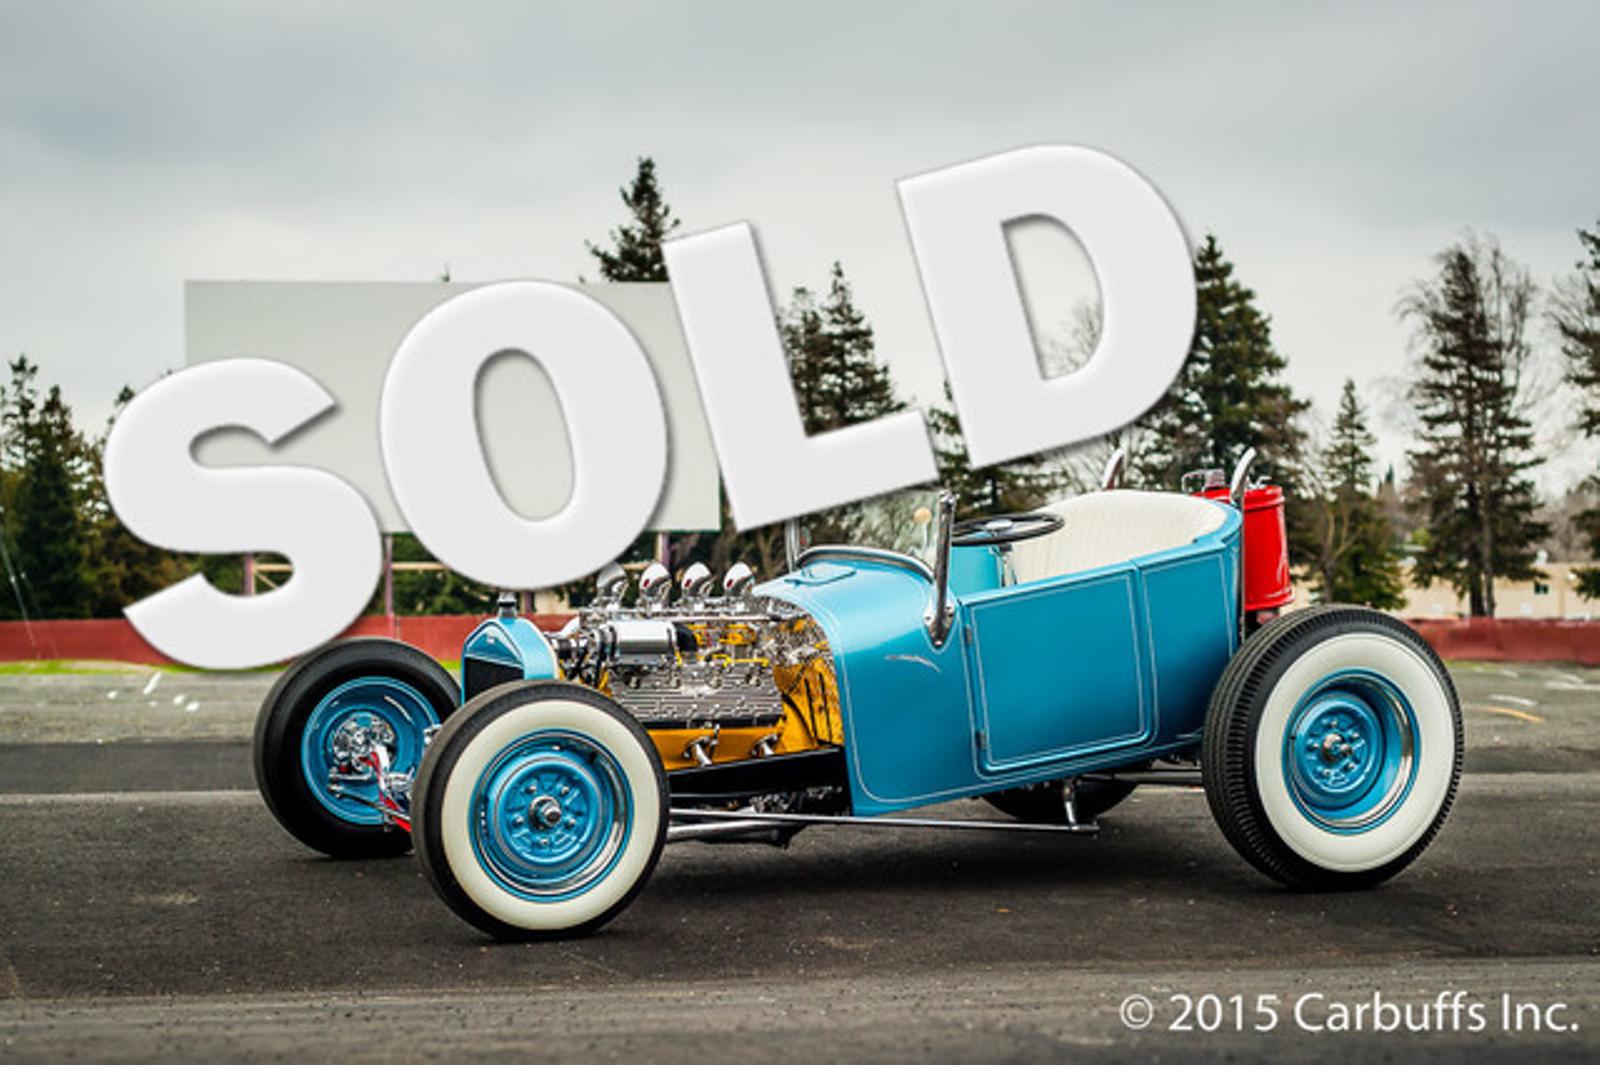 1926 Ford Model T Hot Rod | Concord, CA | Carbuffs | Concord CA 94520